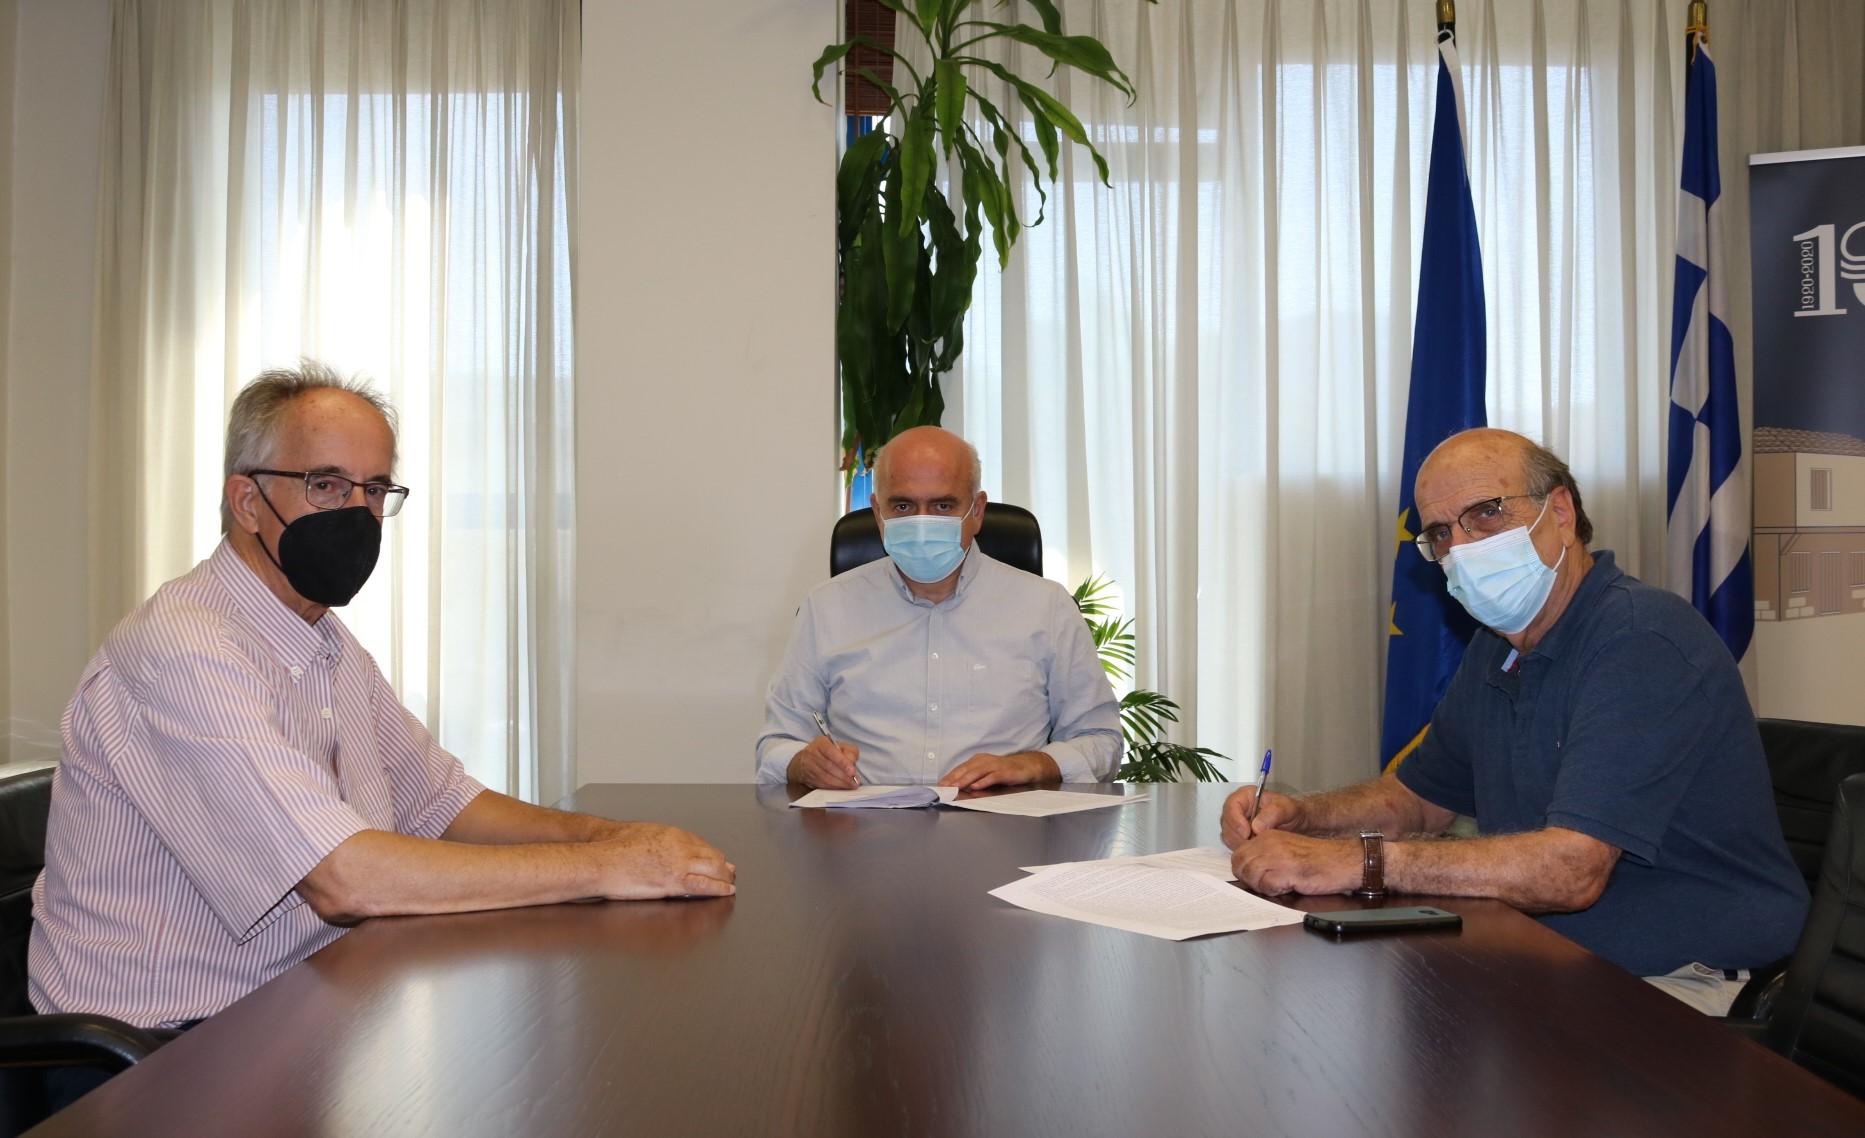 Υπογράφηκε η σύμβαση για την αποκατάσταση του δρόμου που συνδέει τους οικισμούς Ευγενικό και Λεπτή στο βόρειο Έβρο